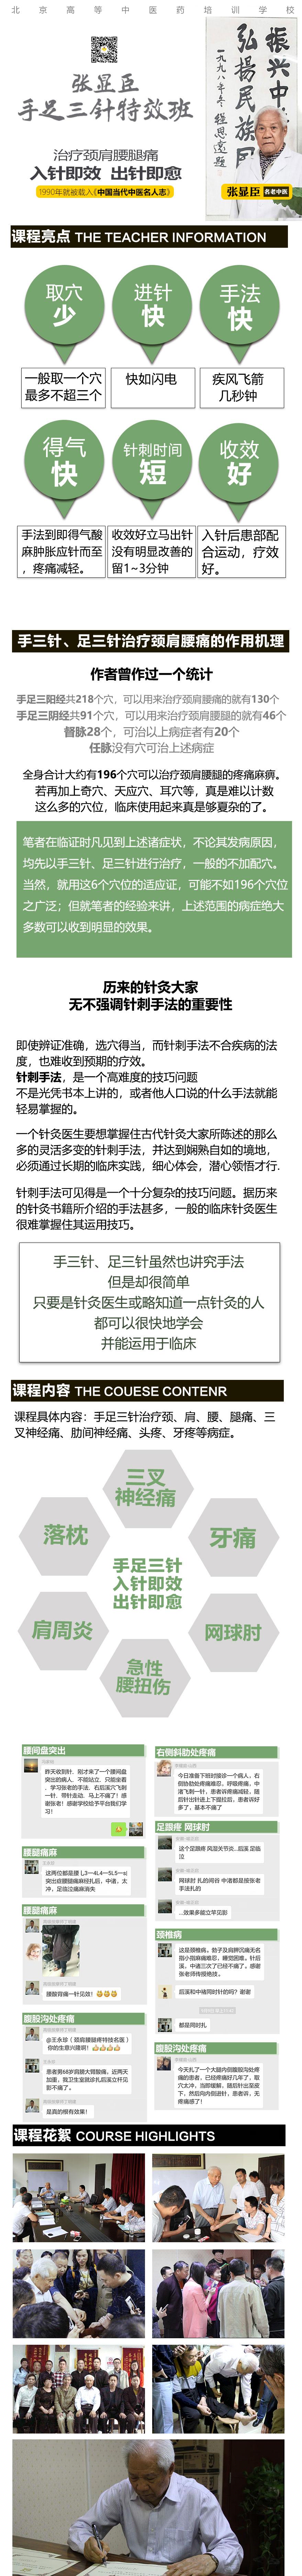 2018-5-3张显臣手足三针修改版.jpg